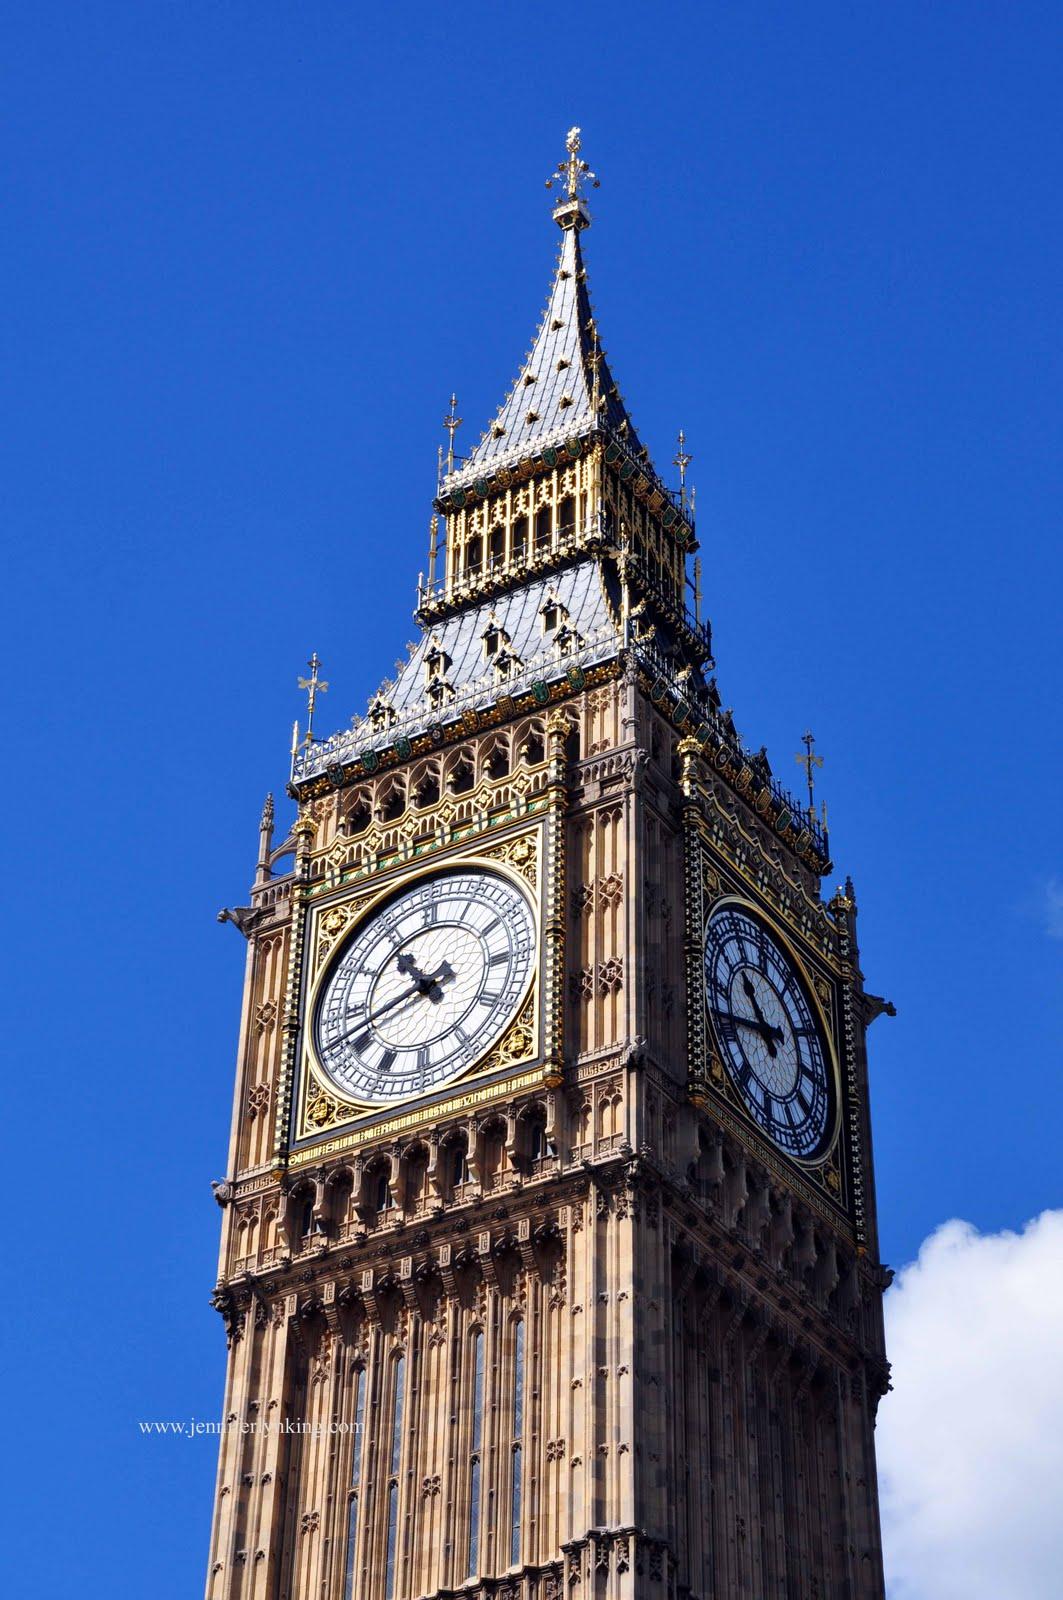 http://1.bp.blogspot.com/_qoJEtQnJ77k/TGU-iuBP3tI/AAAAAAAAAxw/g5G8pb7viGw/s1600/london_0710_+088.jpg